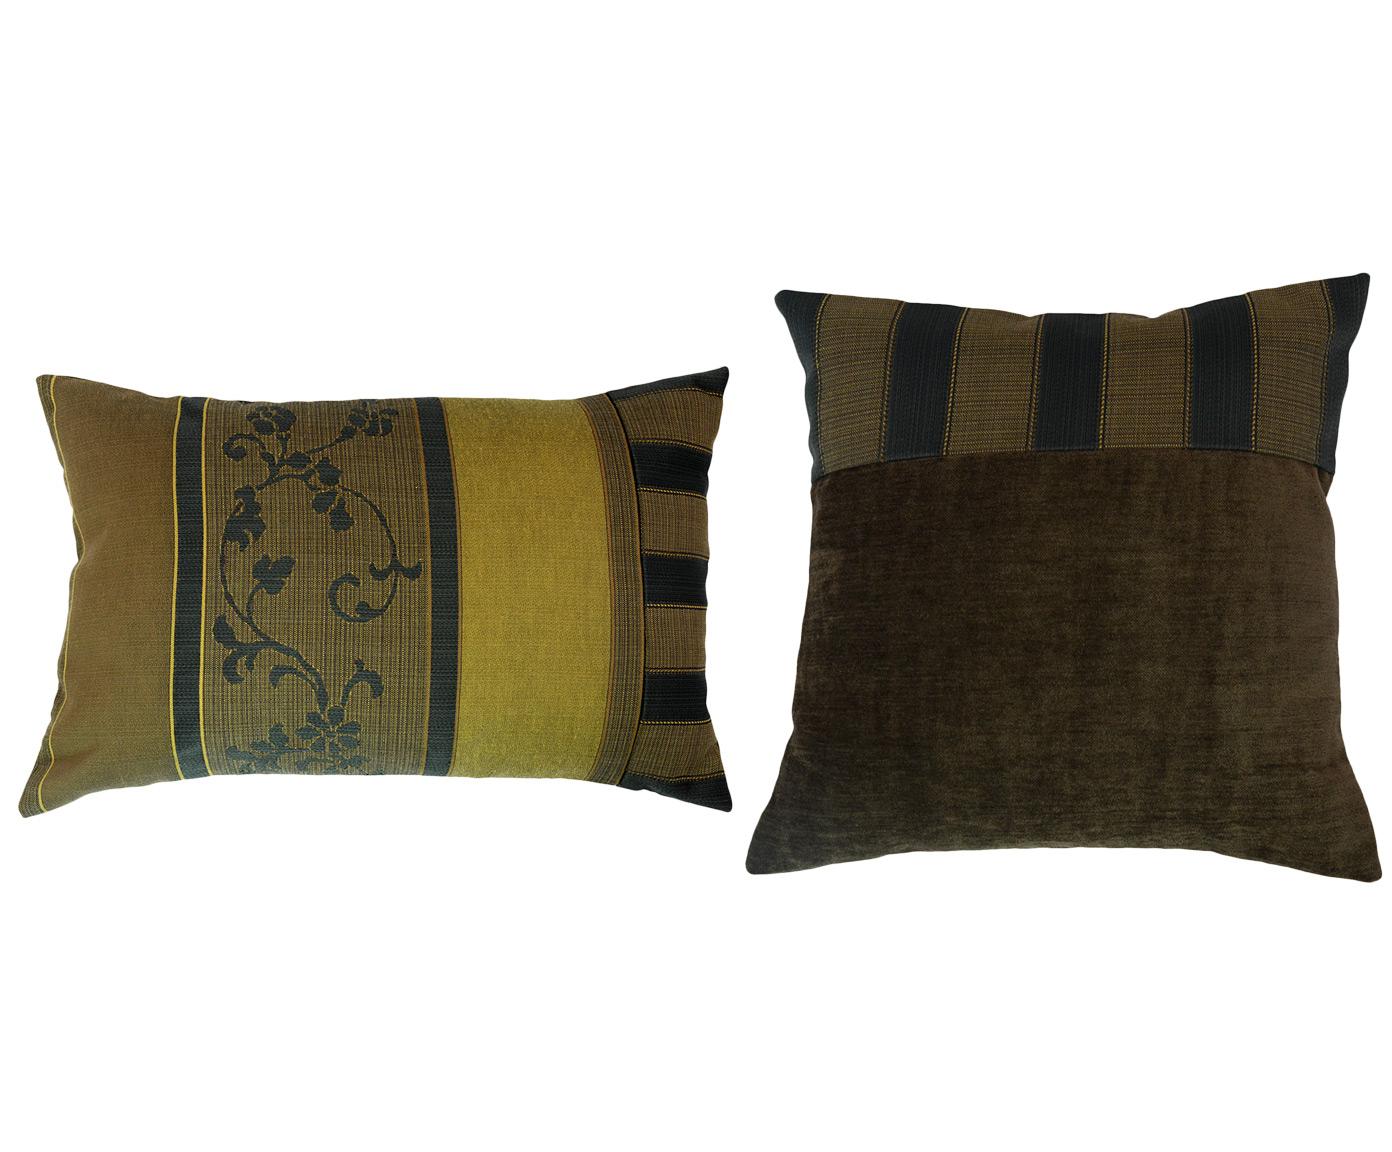 Комплект подушек Montcerrat (2шт)Квадратные подушки и наволочки<br>Комплект декоративных  подушек. Чехол съемный.<br><br>Material: Вискоза<br>Ширина см: 60.0<br>Глубина см: 40.0